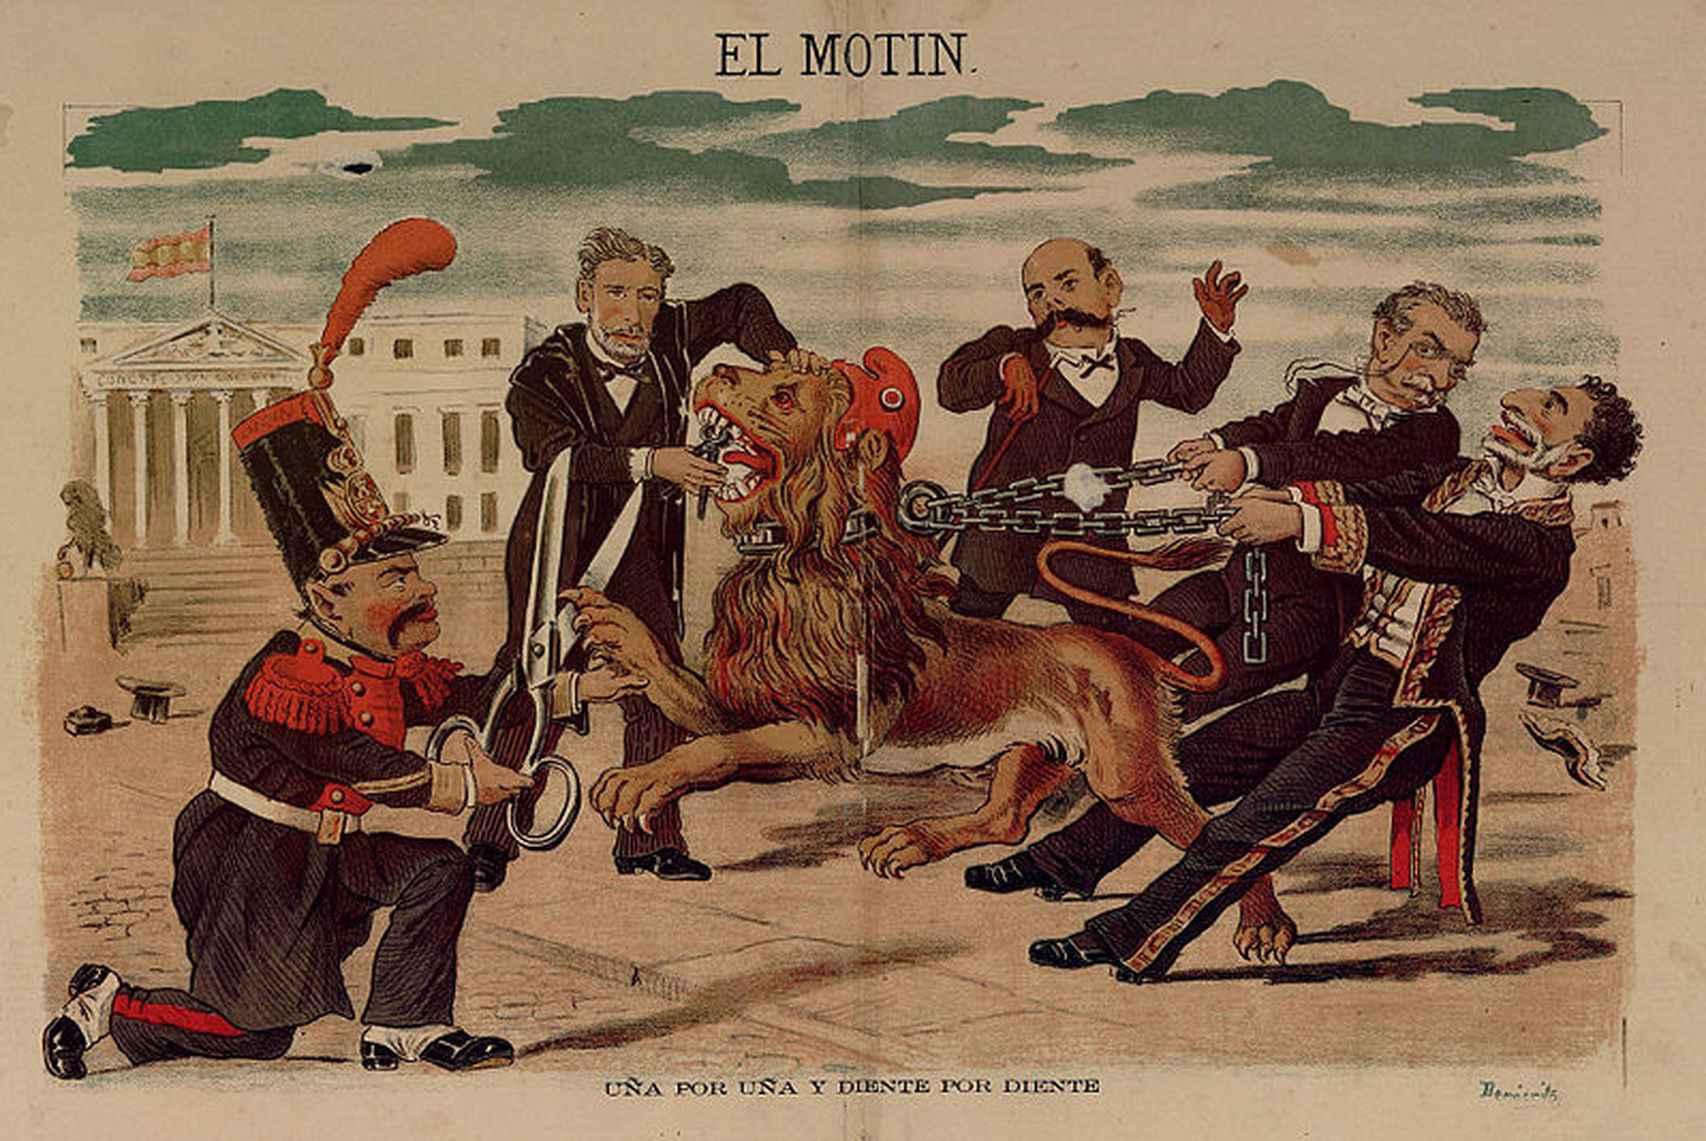 Caricatura de Eduardo Sojo en El Motín, publicada el 16 de octubre de 1881. De izquierda a derecha: Becerra, Montero Ríos, Castelar, Cánovas y Sagasta.